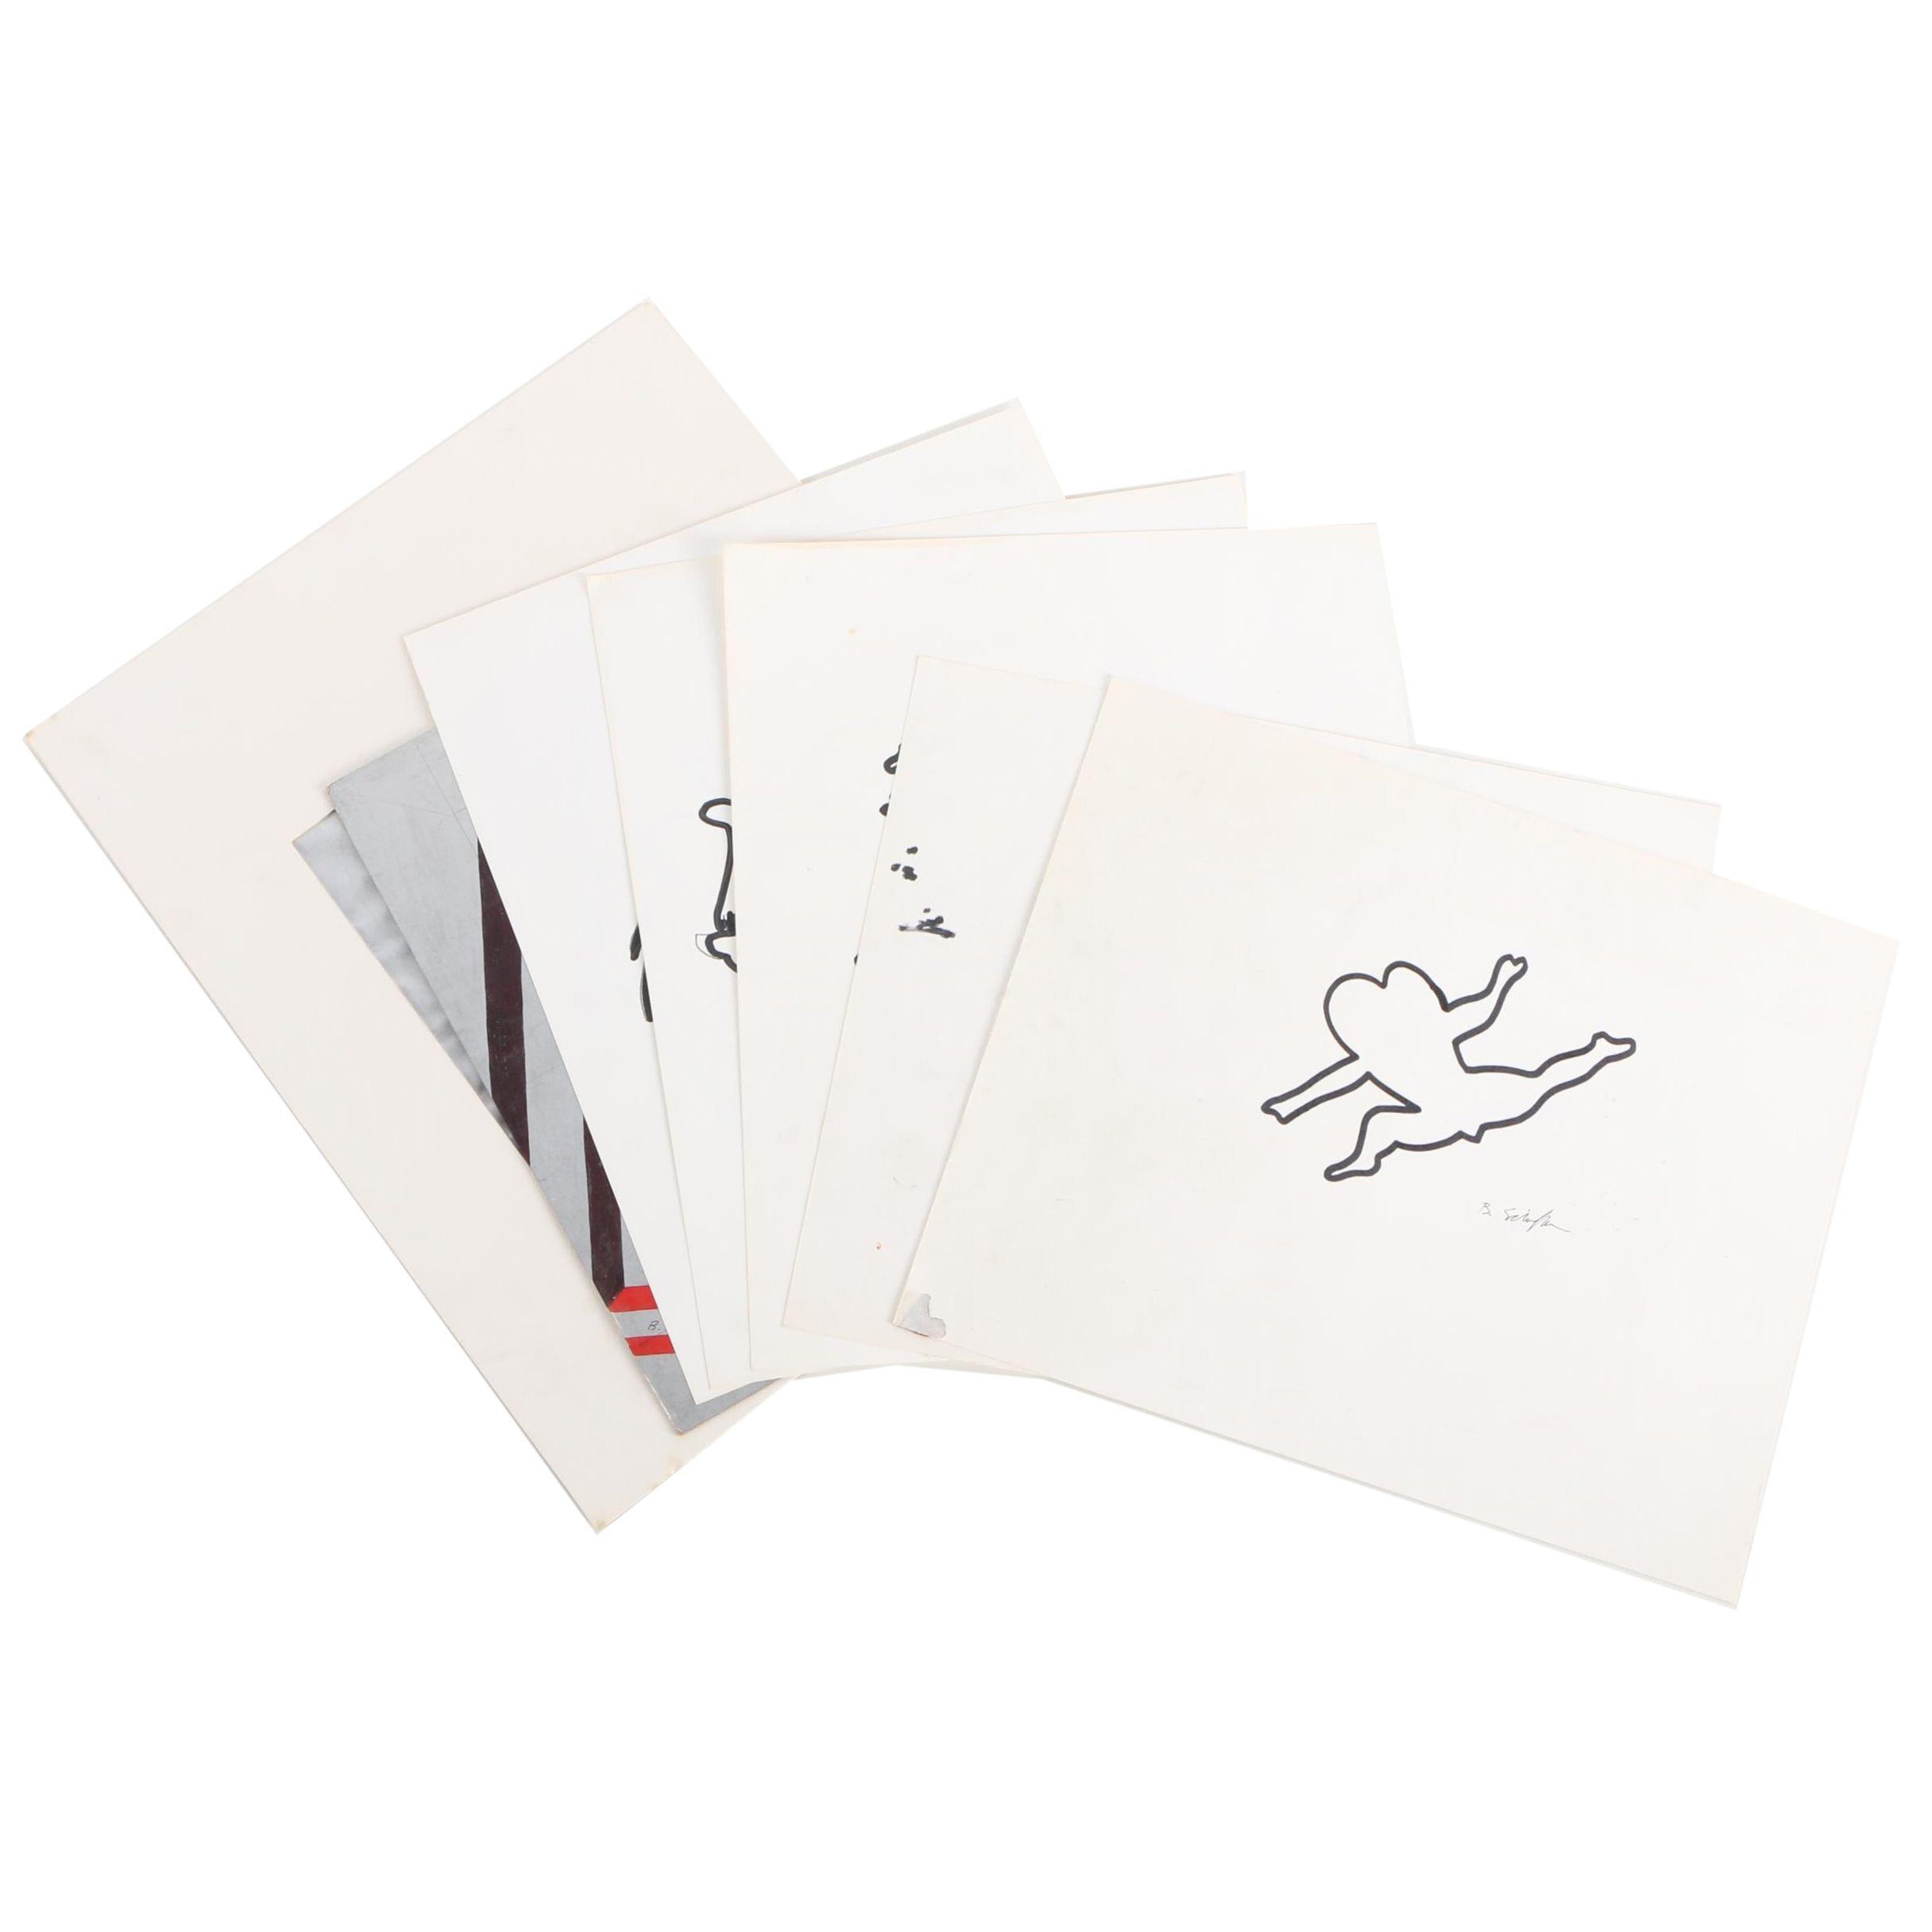 Bill Schiffer Oil Paint Marker Drawings